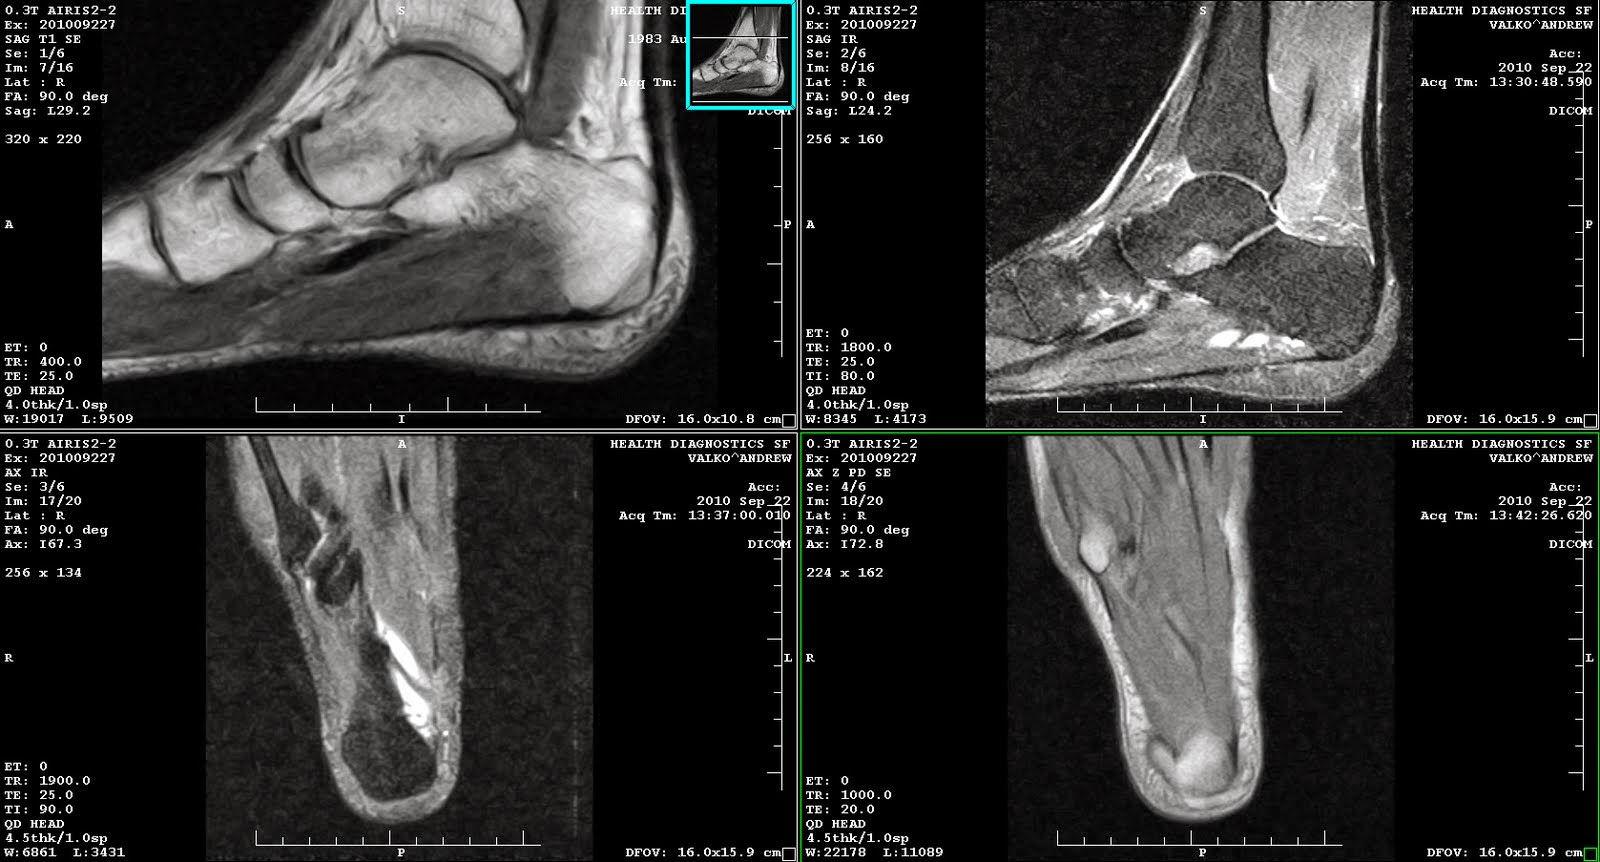 МРТ снимки голеностопа